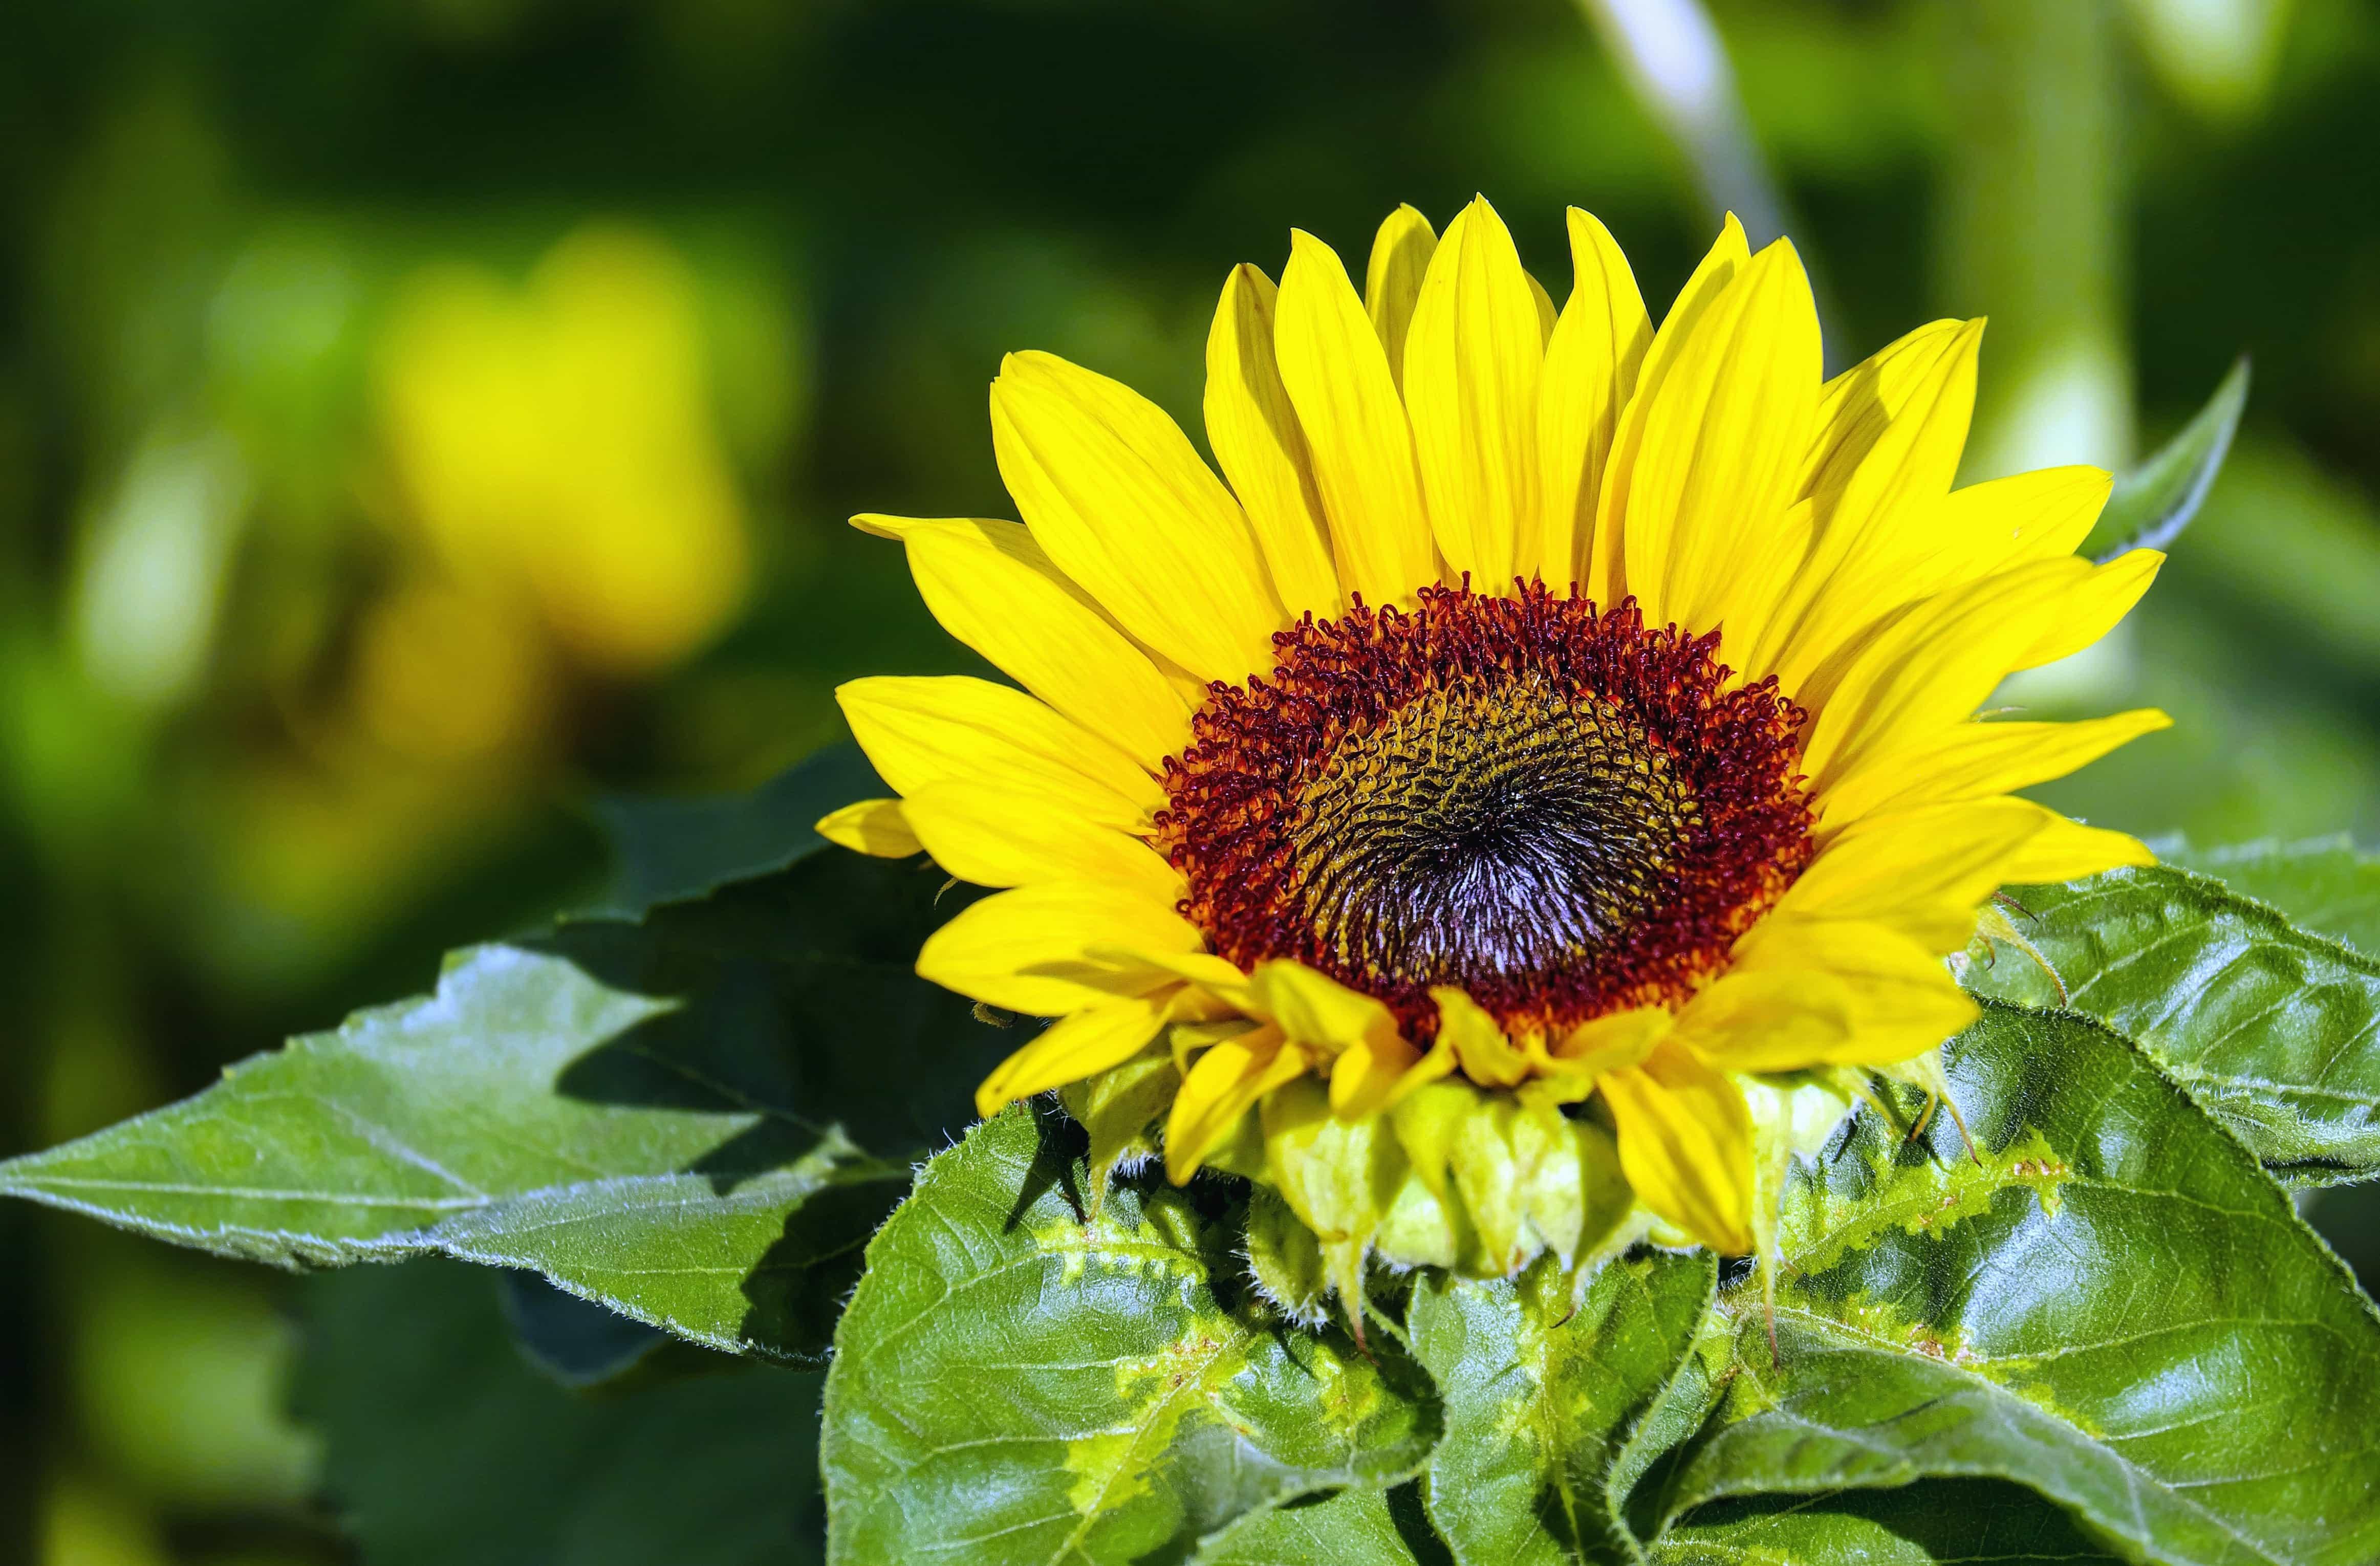 Kostenlose Bild Sommer Natur Blume Blatt Flora Garten Sonnenblume Pflanze